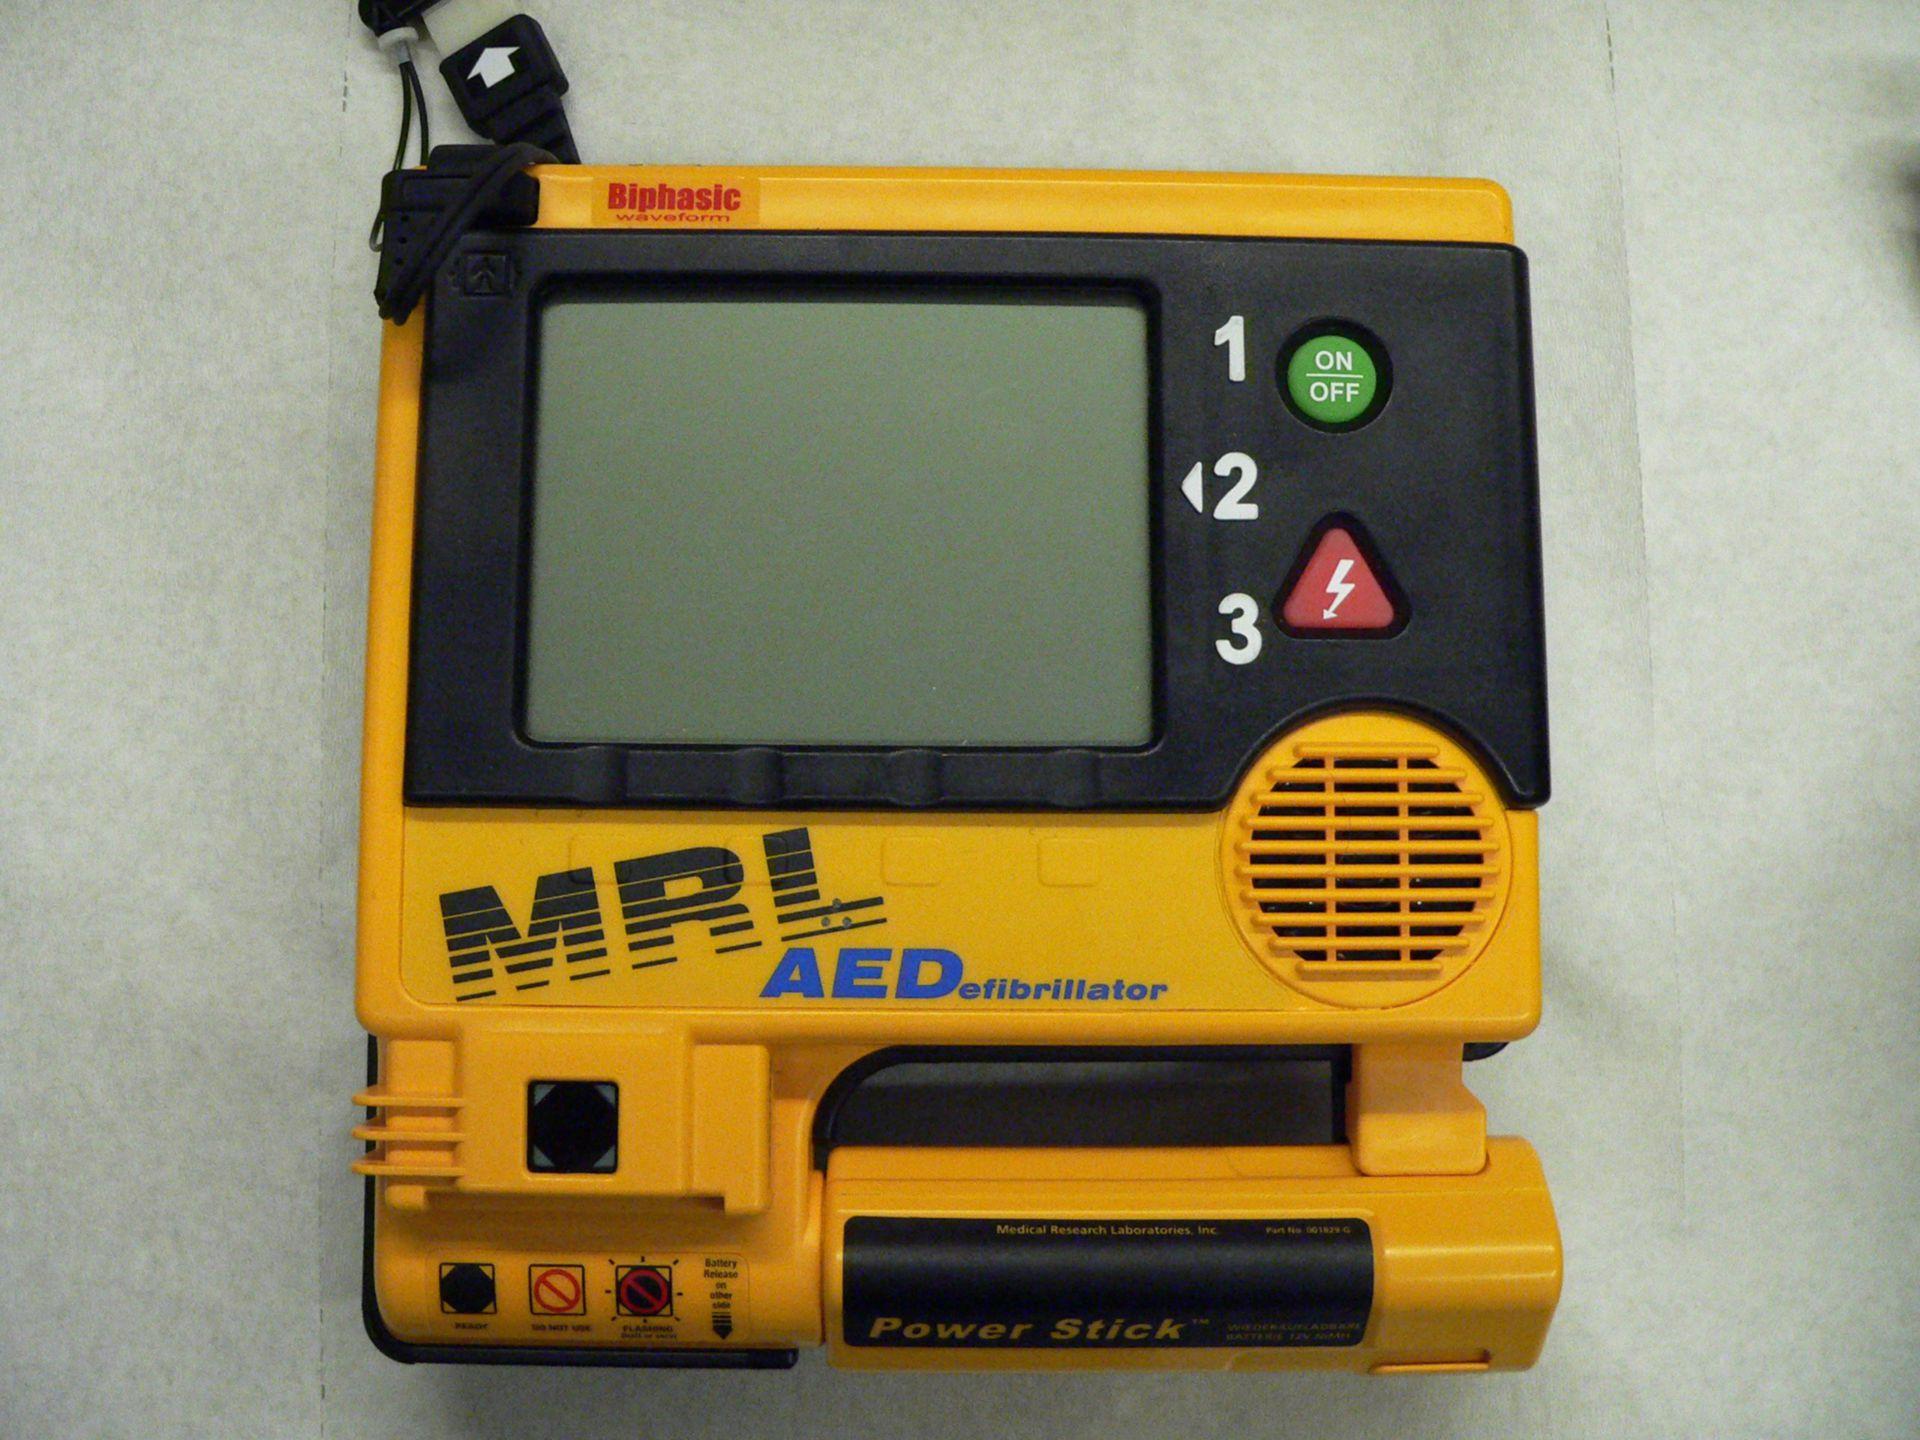 Automatisierter Externer Defibrillator (AED)